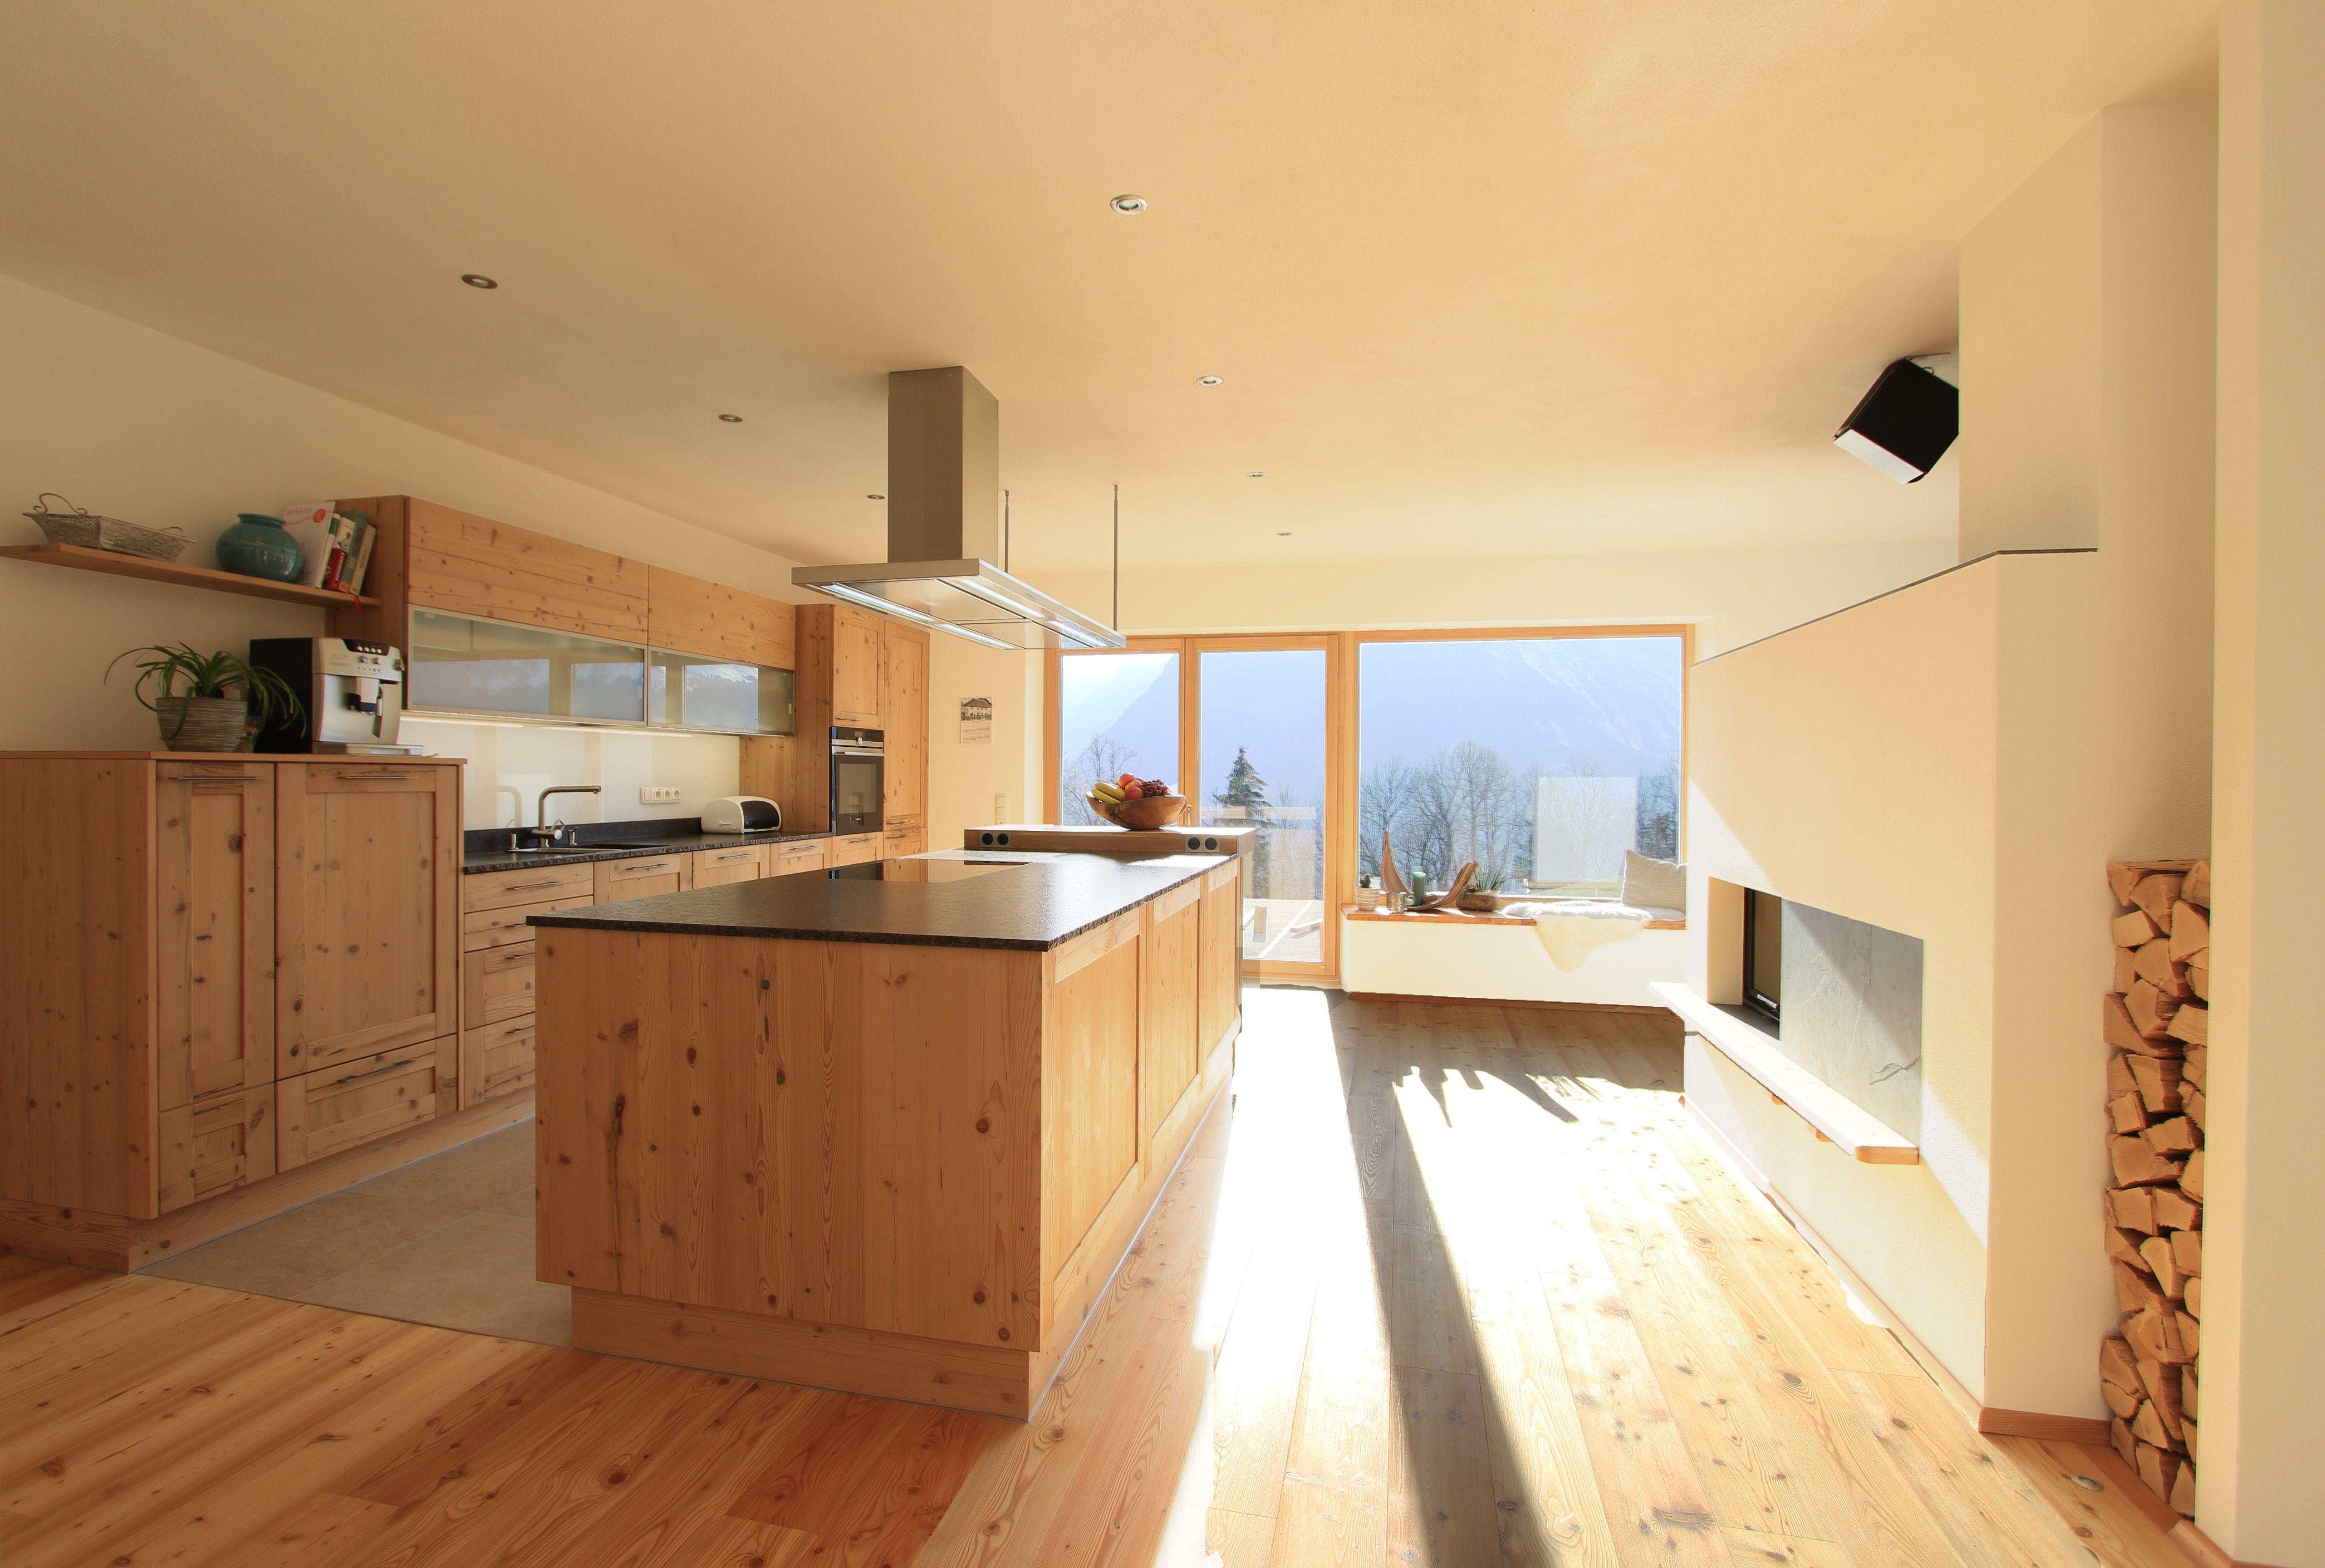 moderne holzk che gro e wohnk che mit kochinsel in fichte altholz geplant und gefertigt von. Black Bedroom Furniture Sets. Home Design Ideas